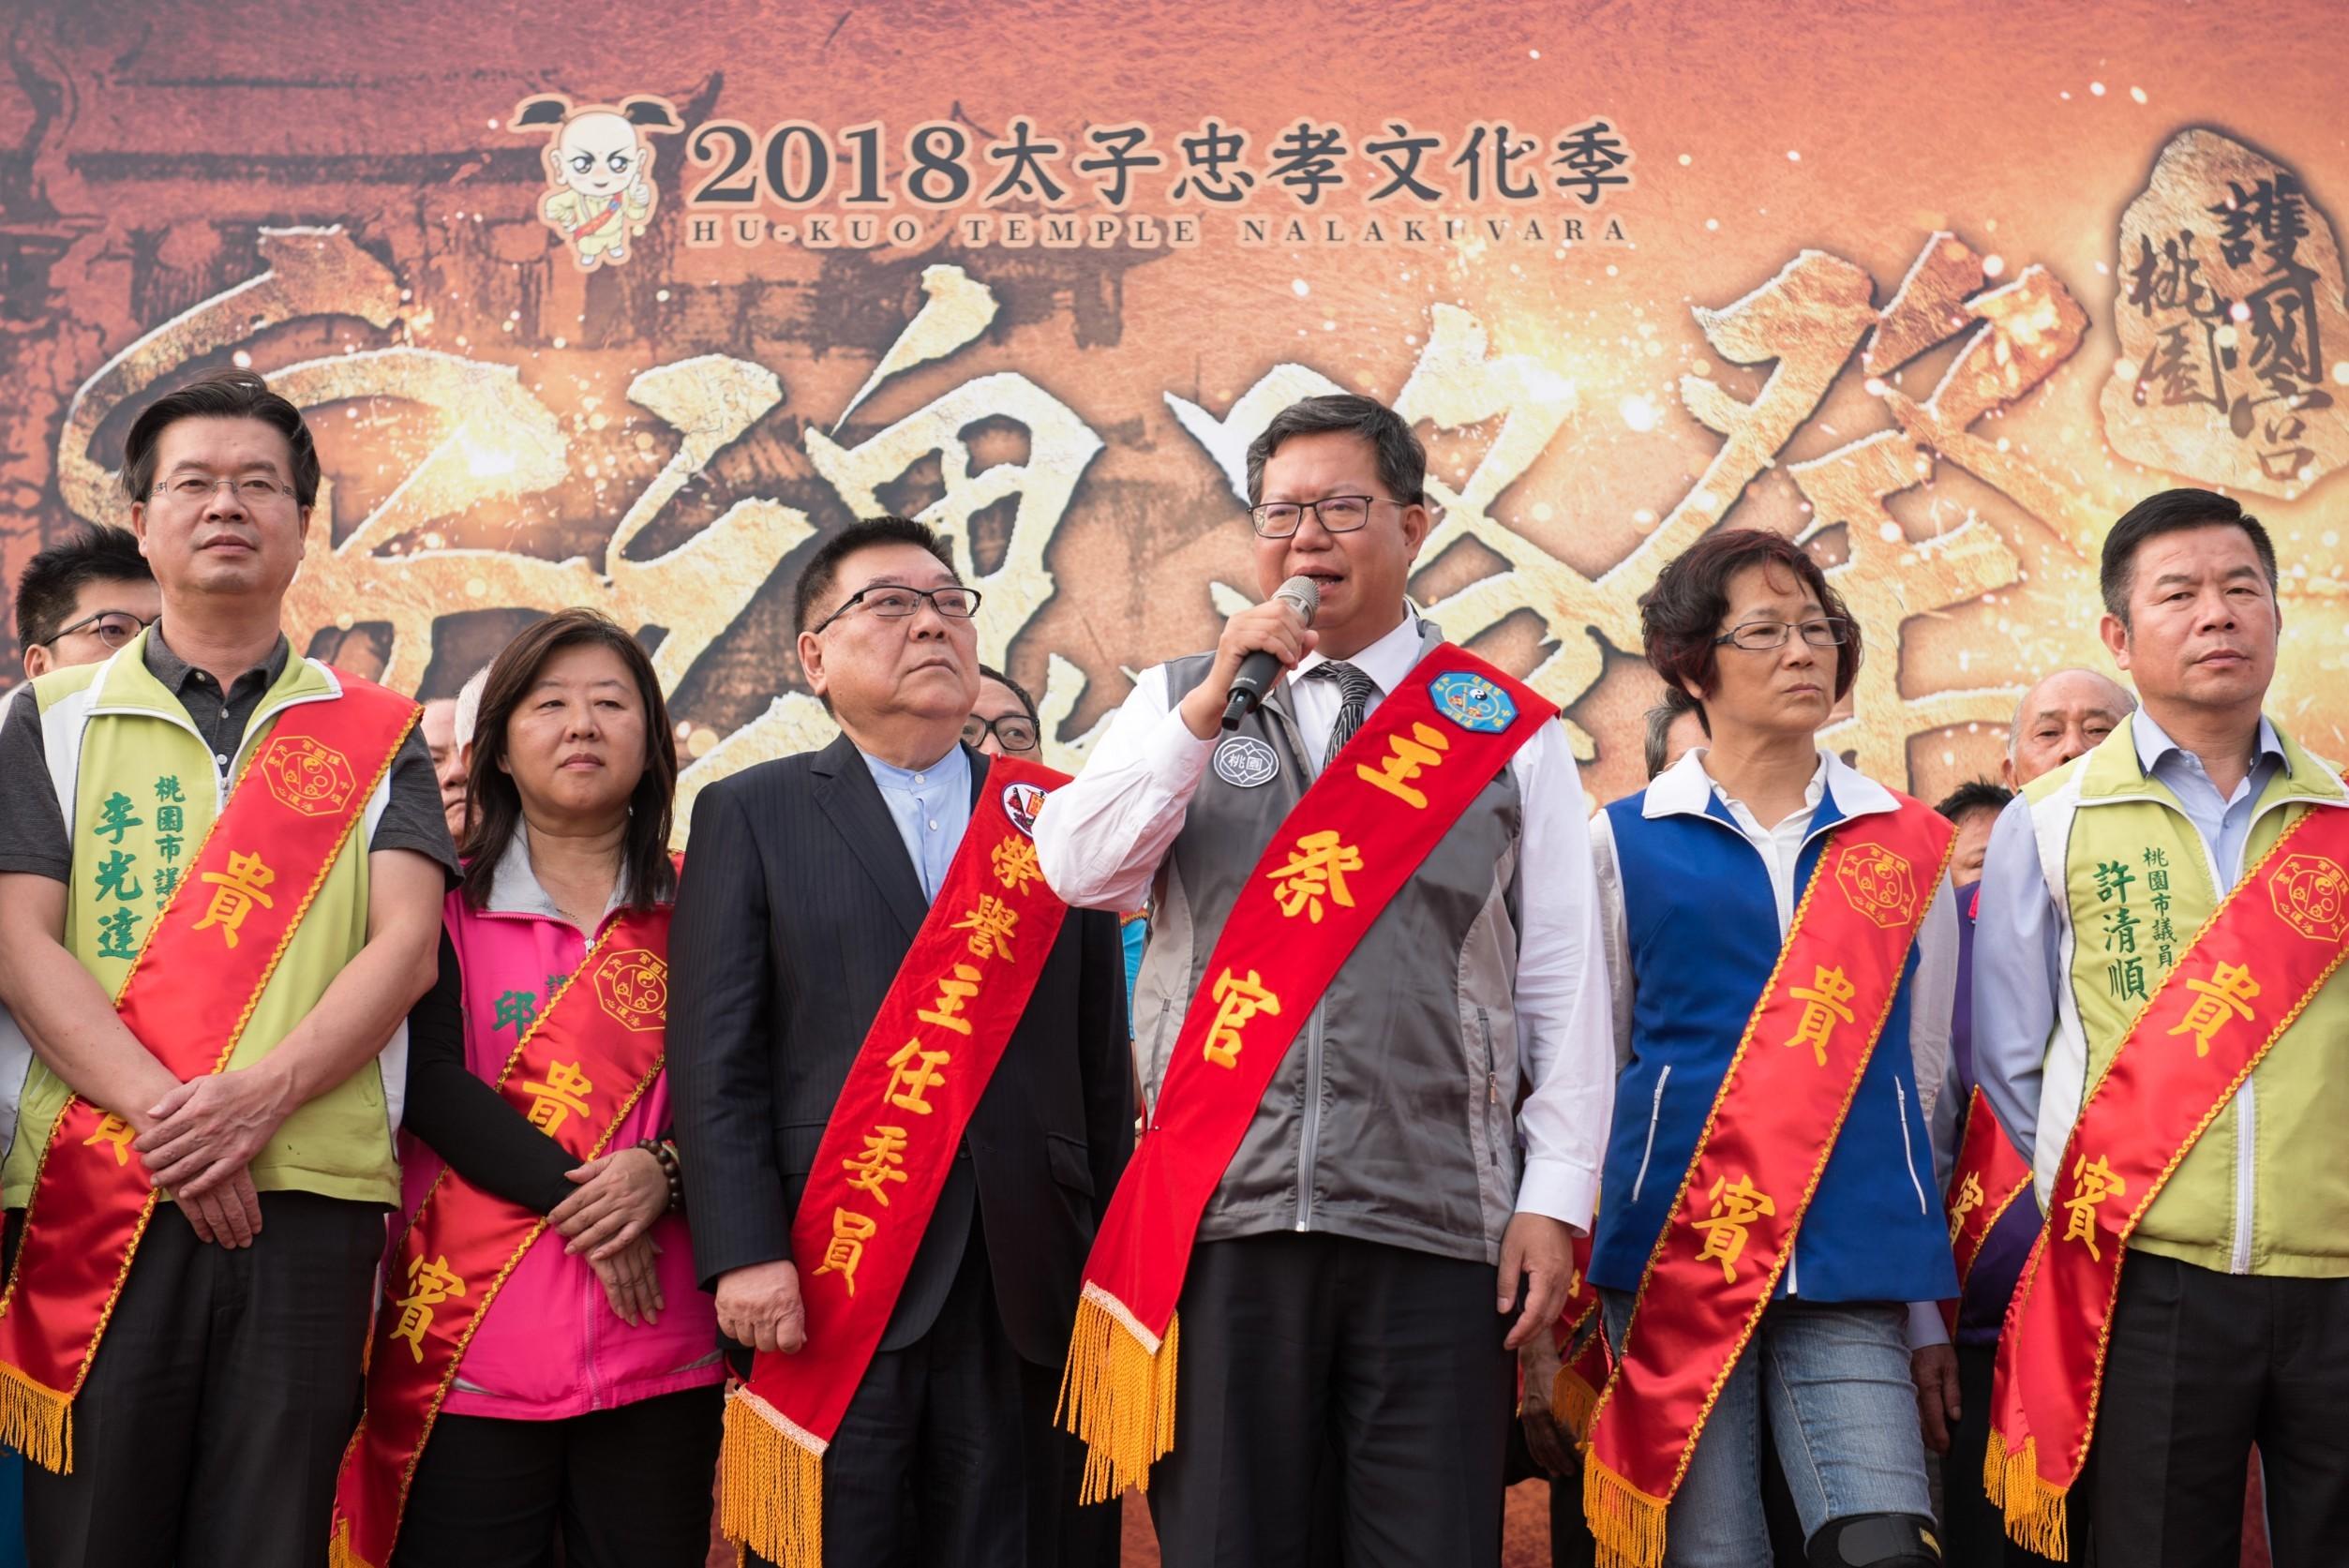 市長致詞表示,在地宮廟共同參與夜巡活動,成為桃園特色之一